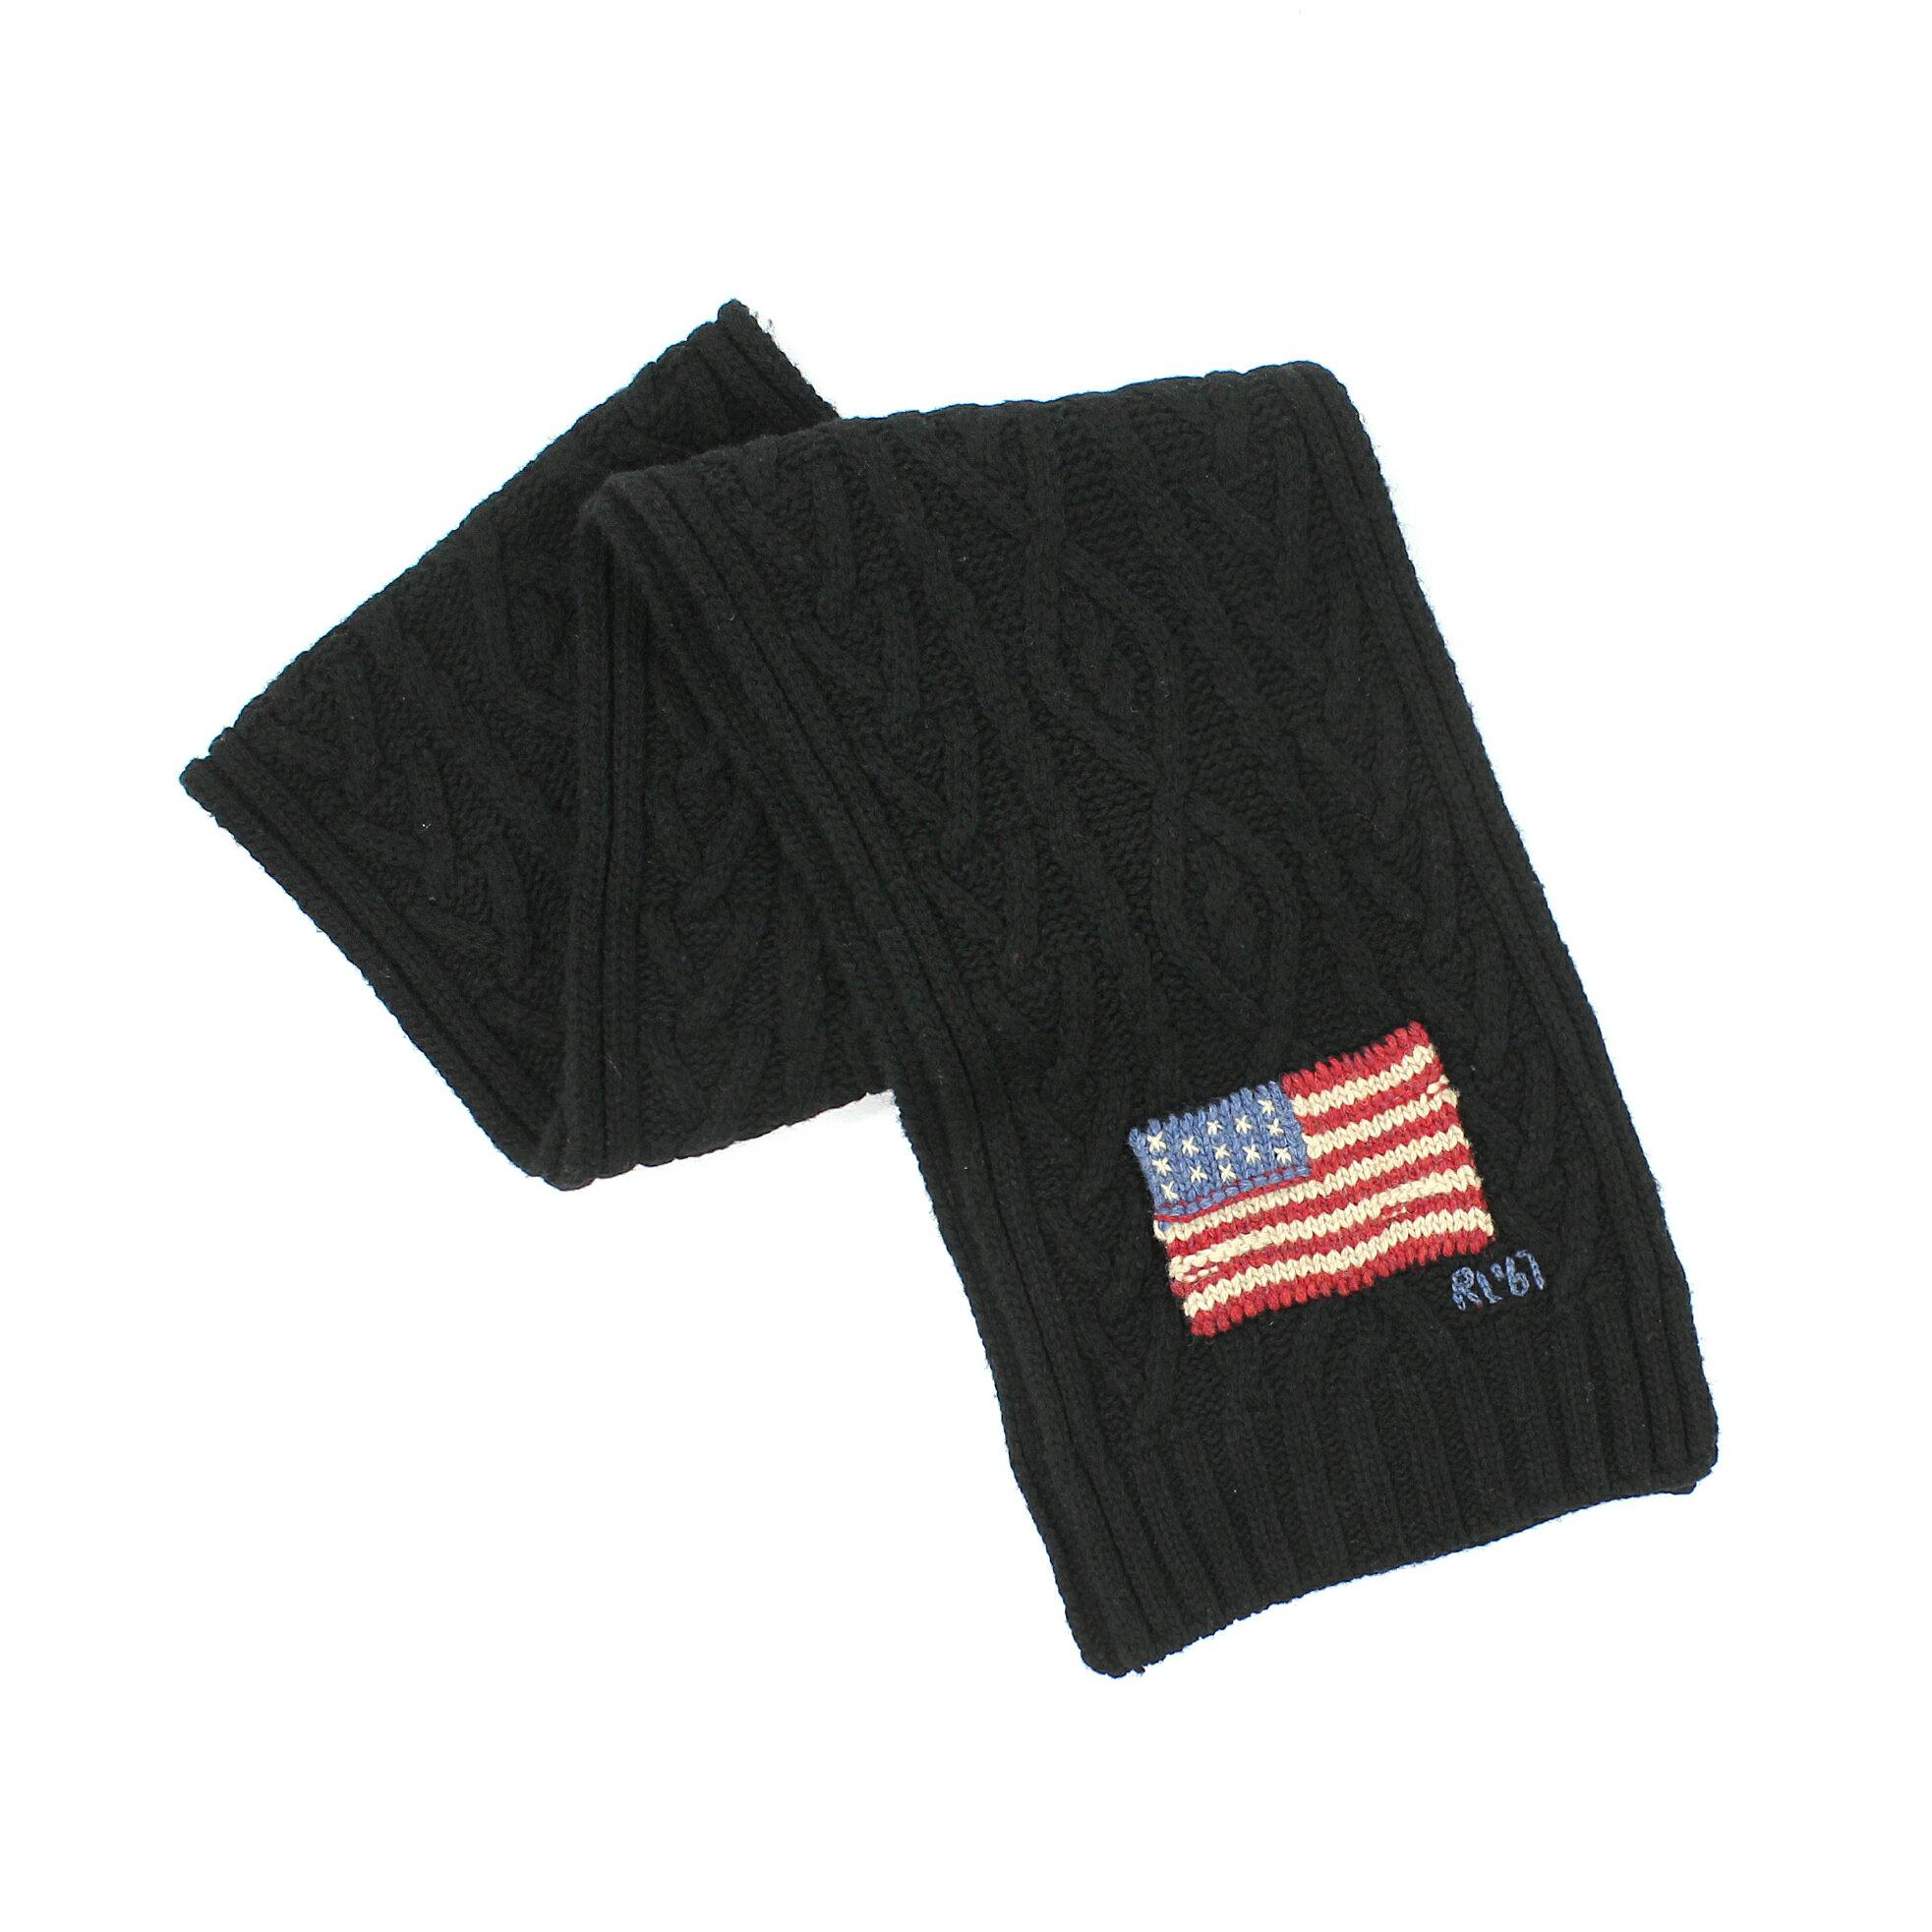 美國百分百【 】Ralph Lauren 圍巾 RL  羊毛 黑 美國 國旗 男 女 保暖 編織 花紋 麻花 E073